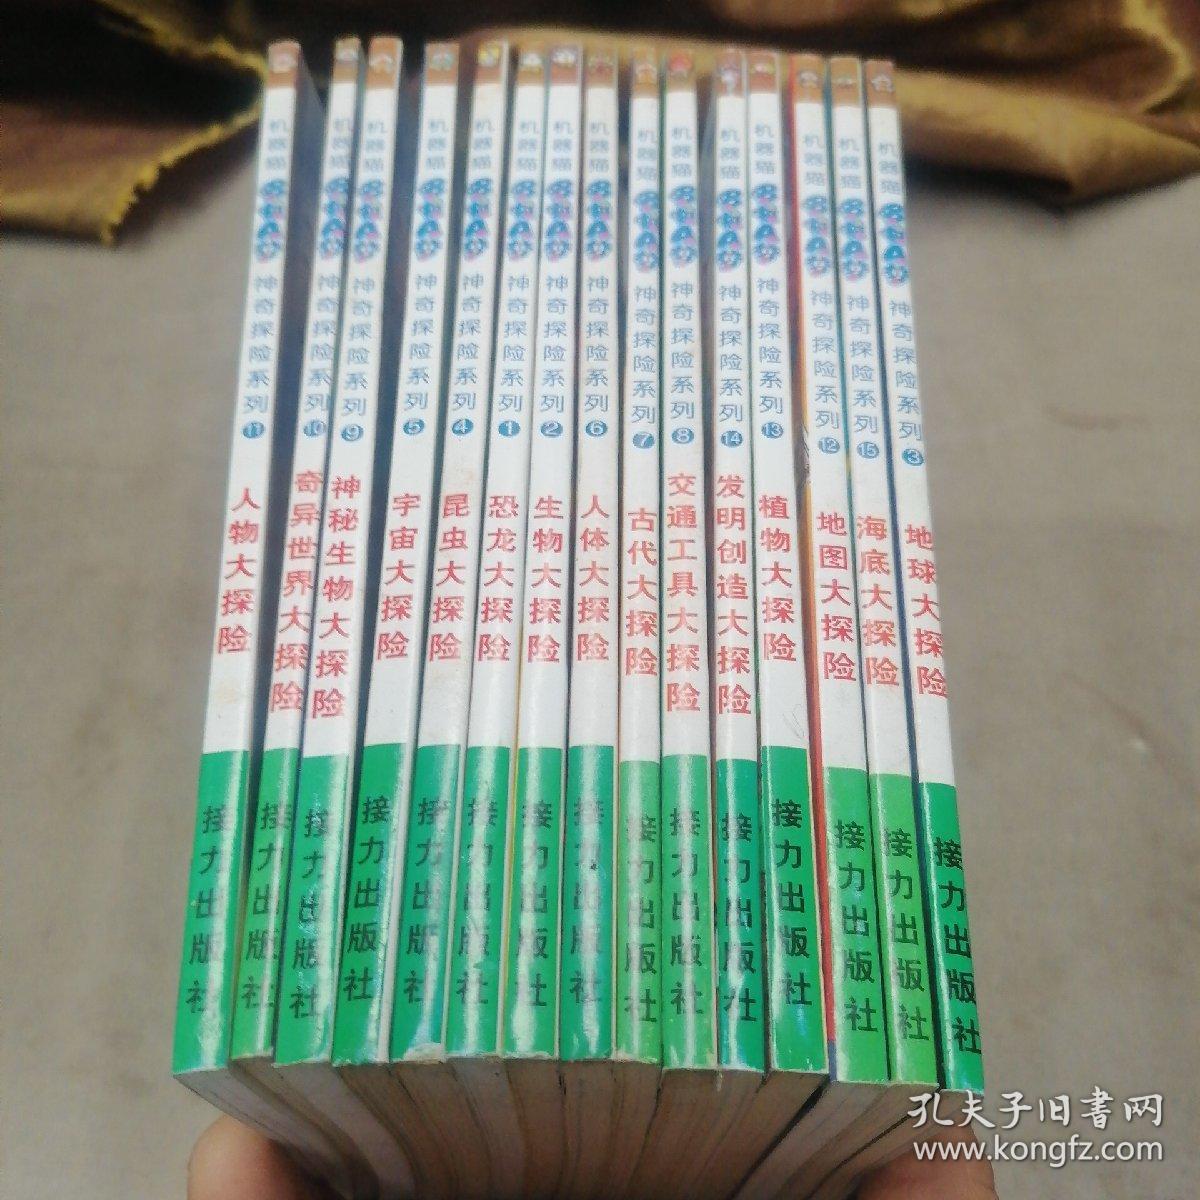 机器猫哆啦A梦神奇探险系列(全15册 )1999年一版一印